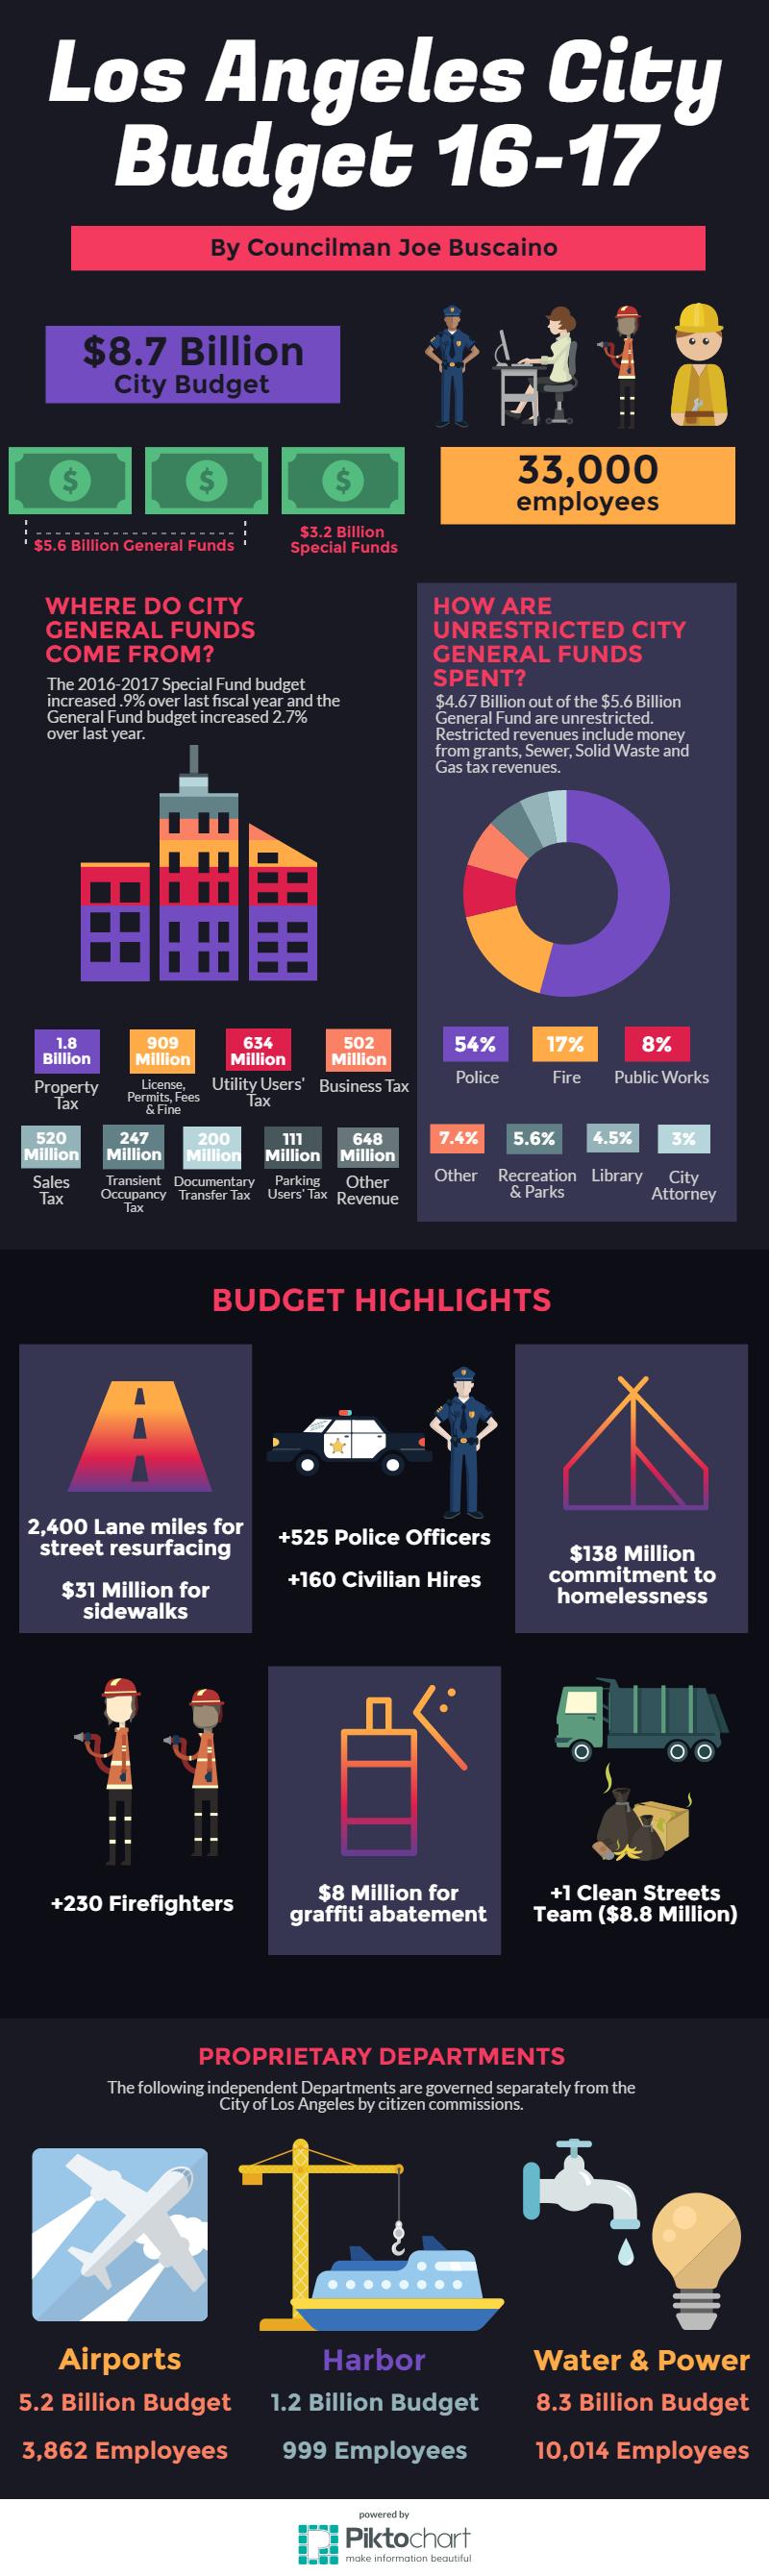 la-city-budget-2016-17_(1).png